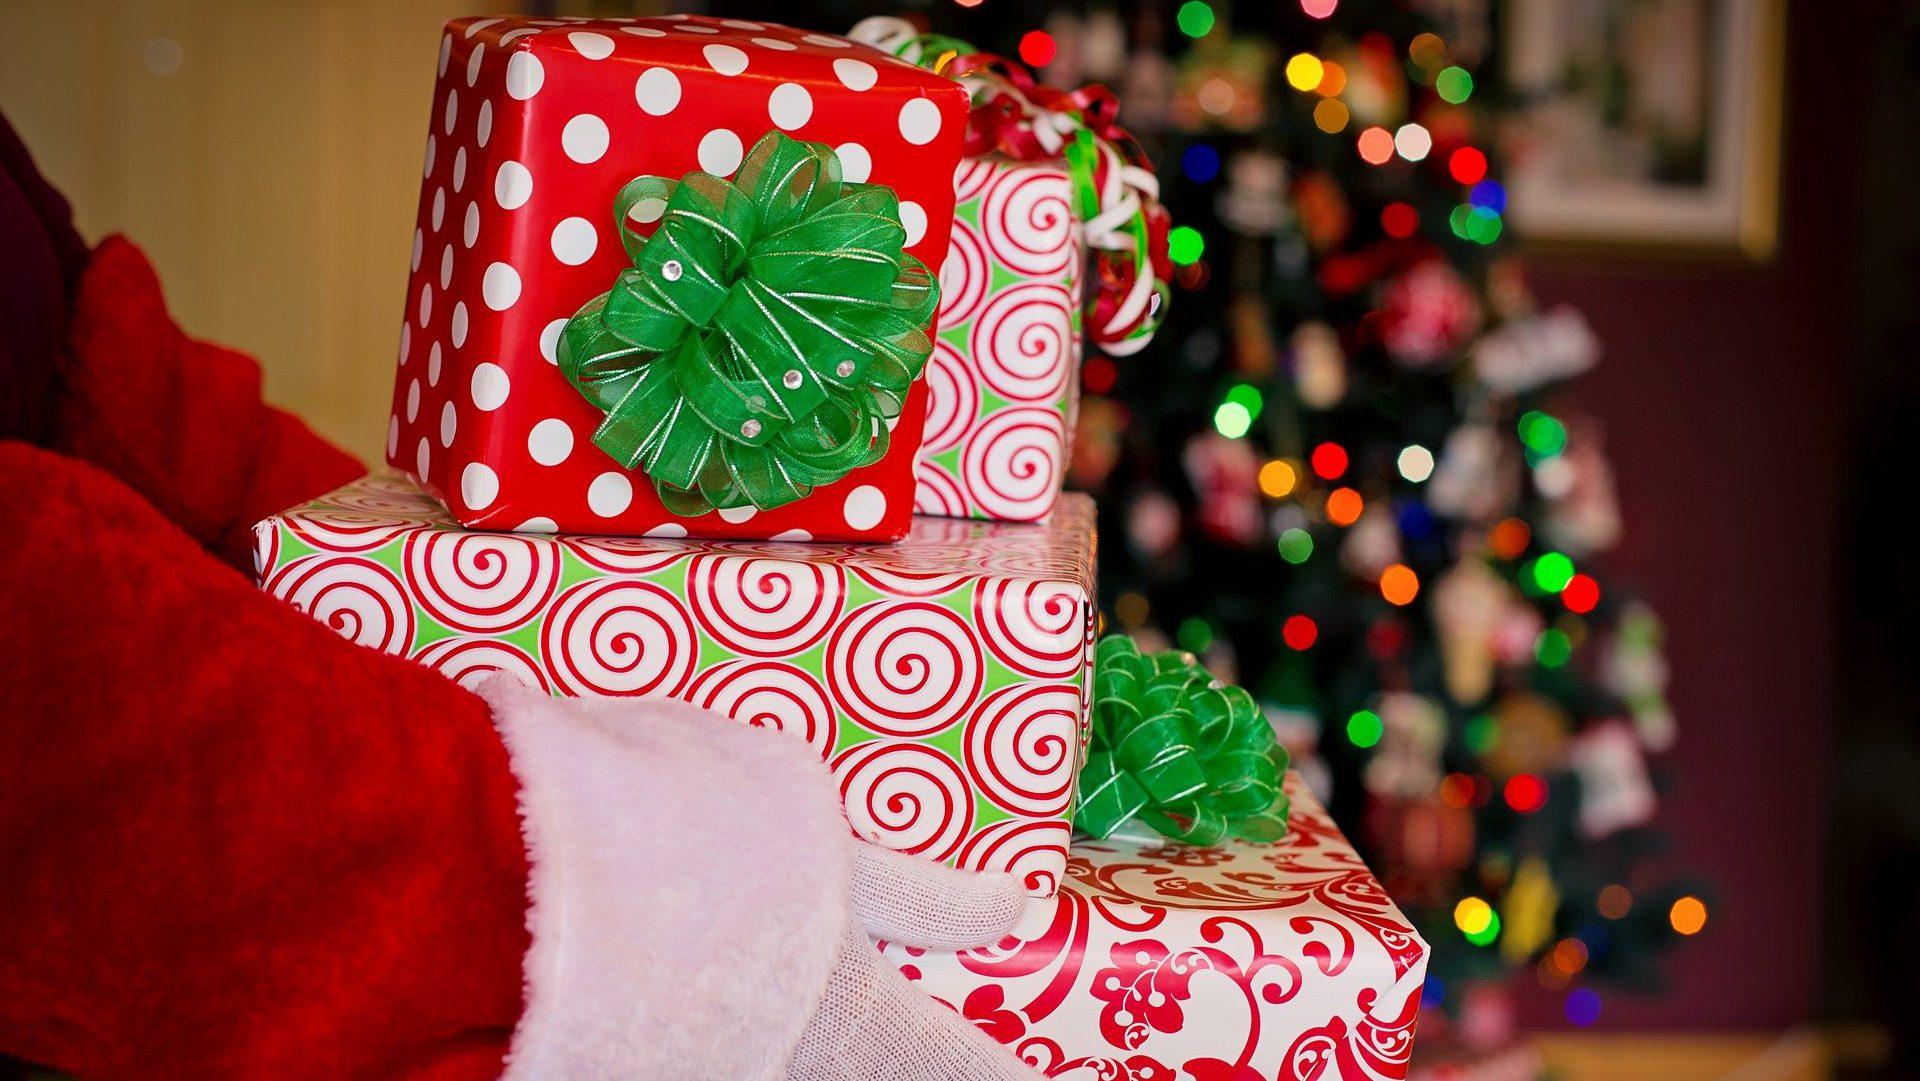 Mikołaj przynosi prezenty dzieciom czy dla dzieci?